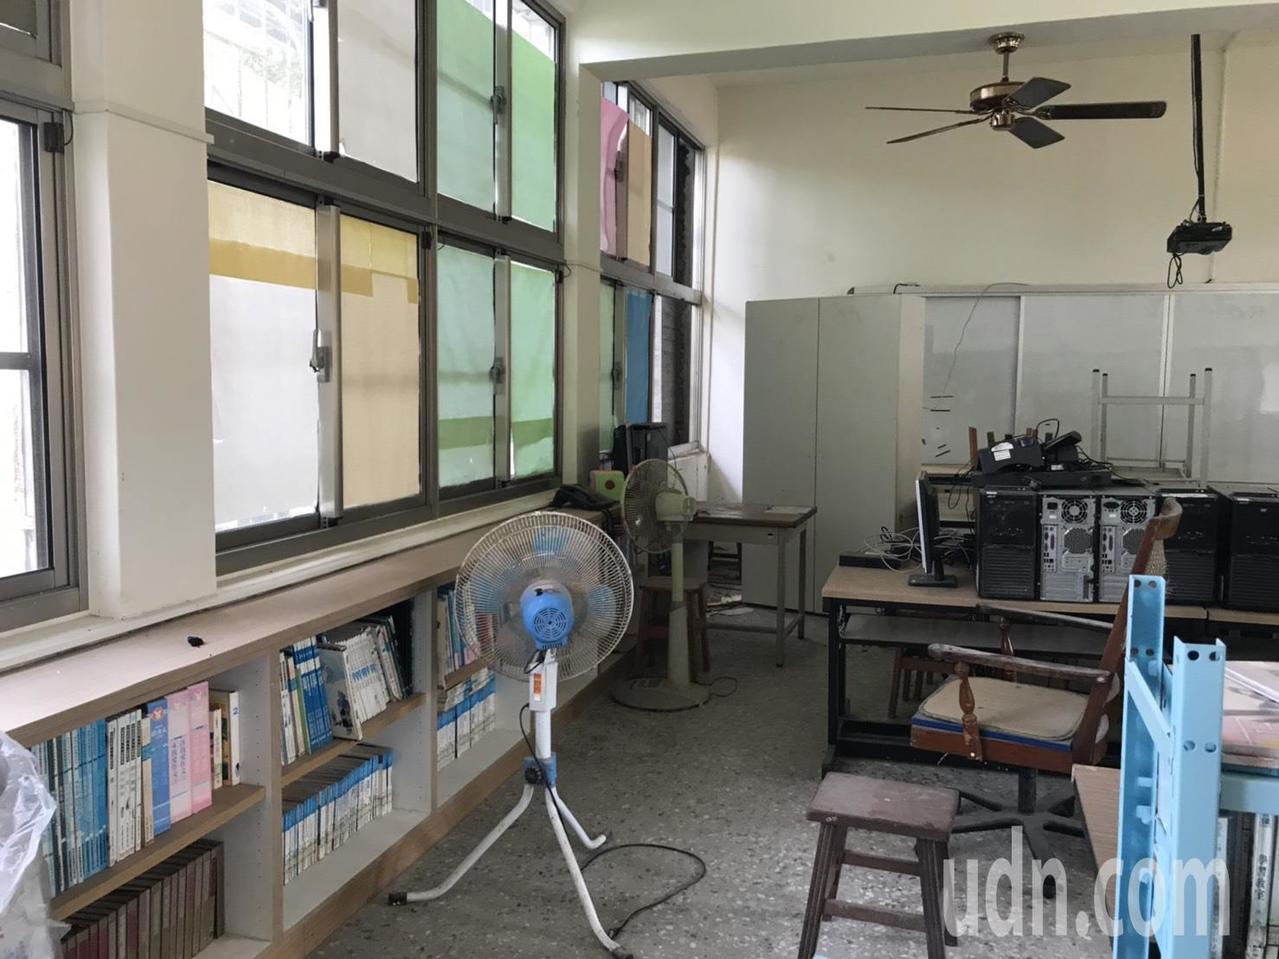 調查報導/圖書館之母:每校都應有一名專職圖書教師   聯合新聞網